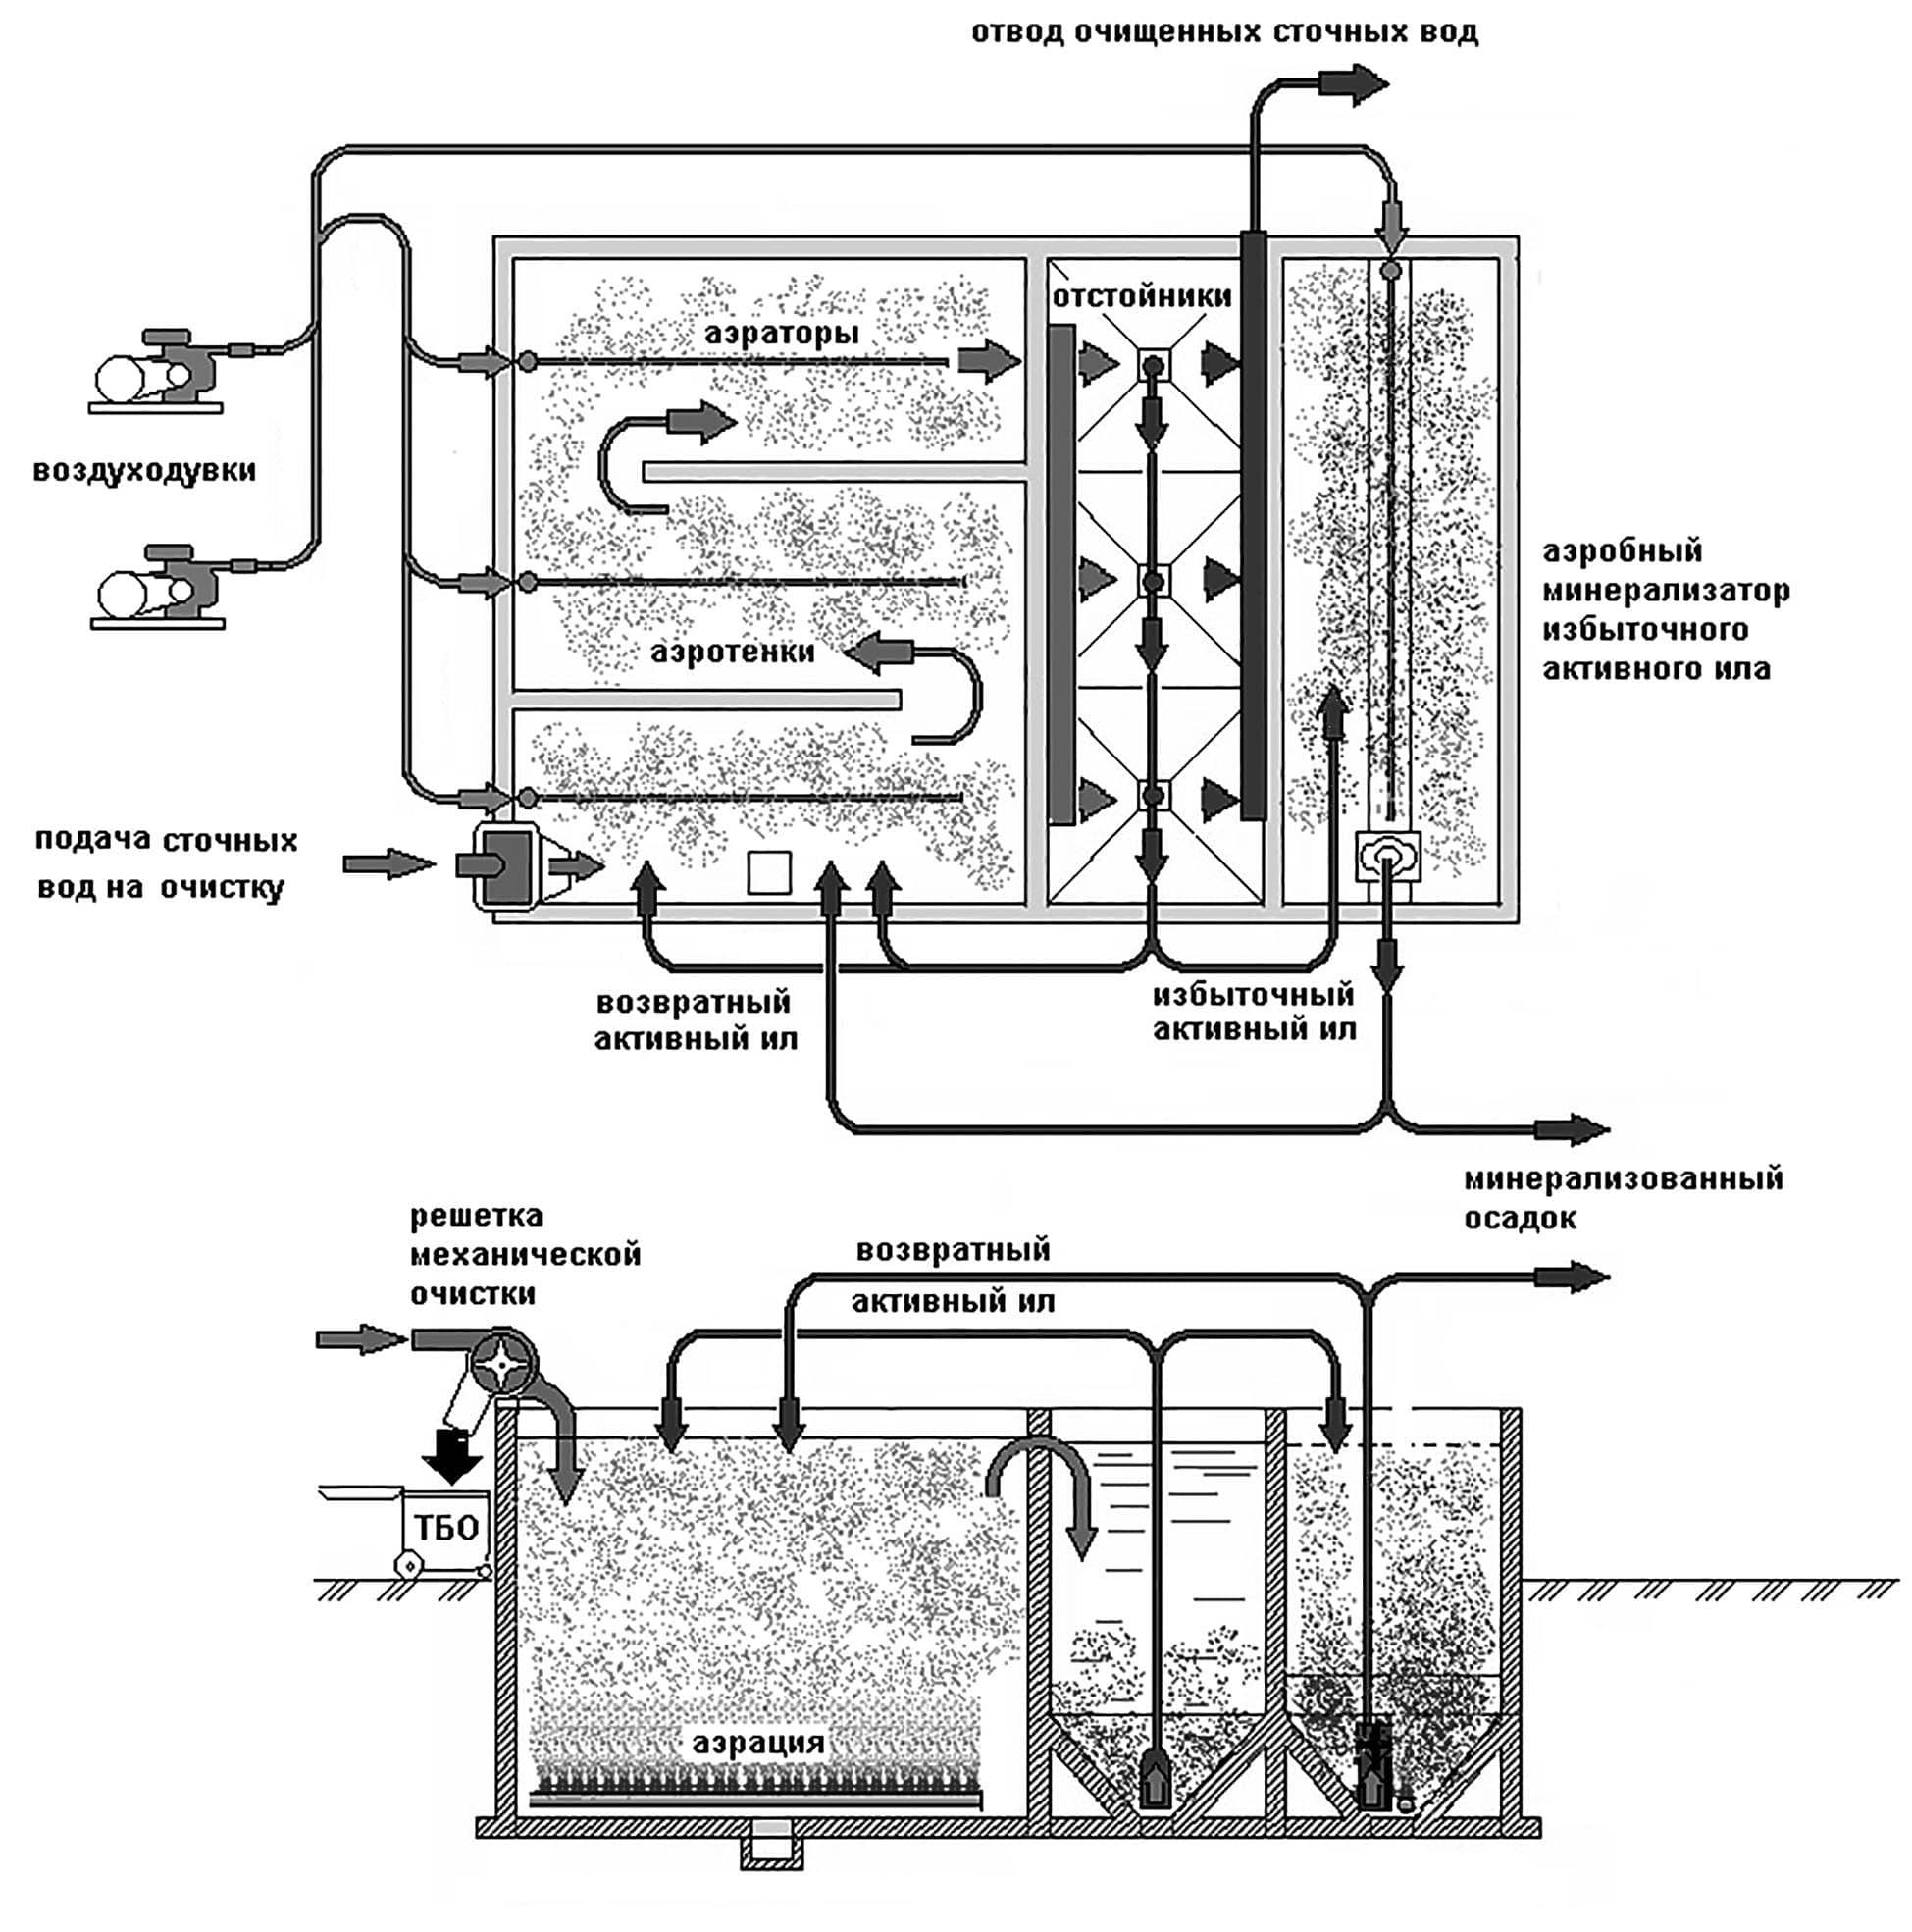 Что такое активный ил для очистки сточных вод и как это работает